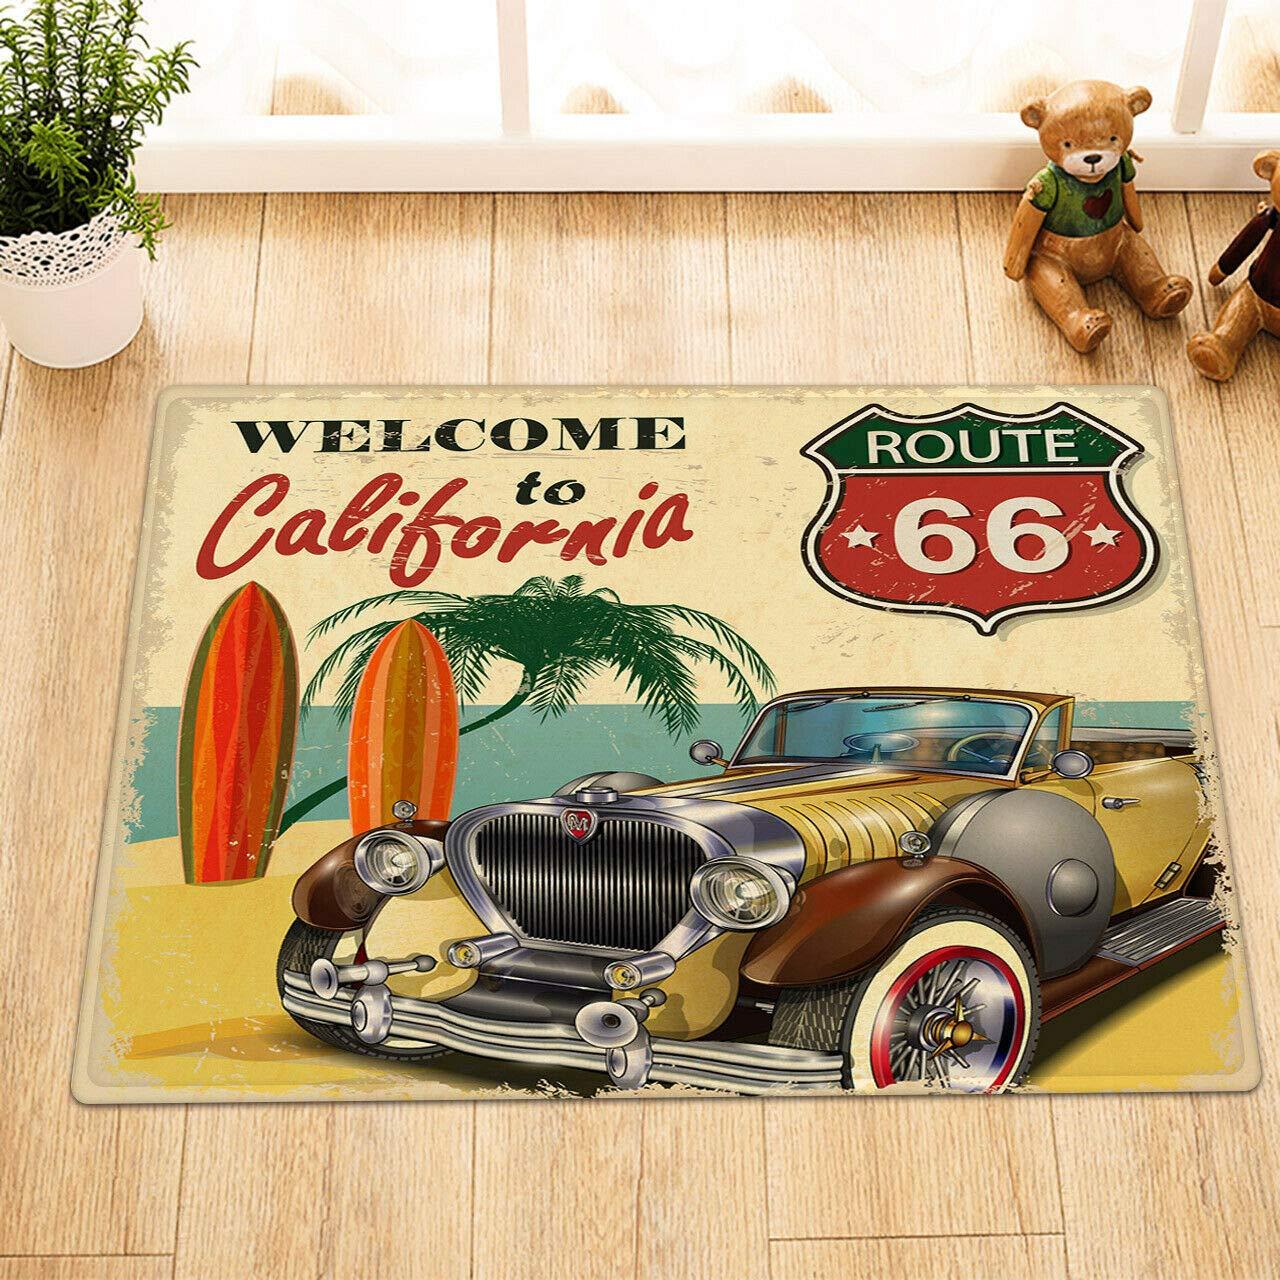 Vintage Classic car Door Mat Bathroom Carpet Non-Slip Bedroom Bedroom Kitchen Bathroom Shower Floor 15.7x23.21in